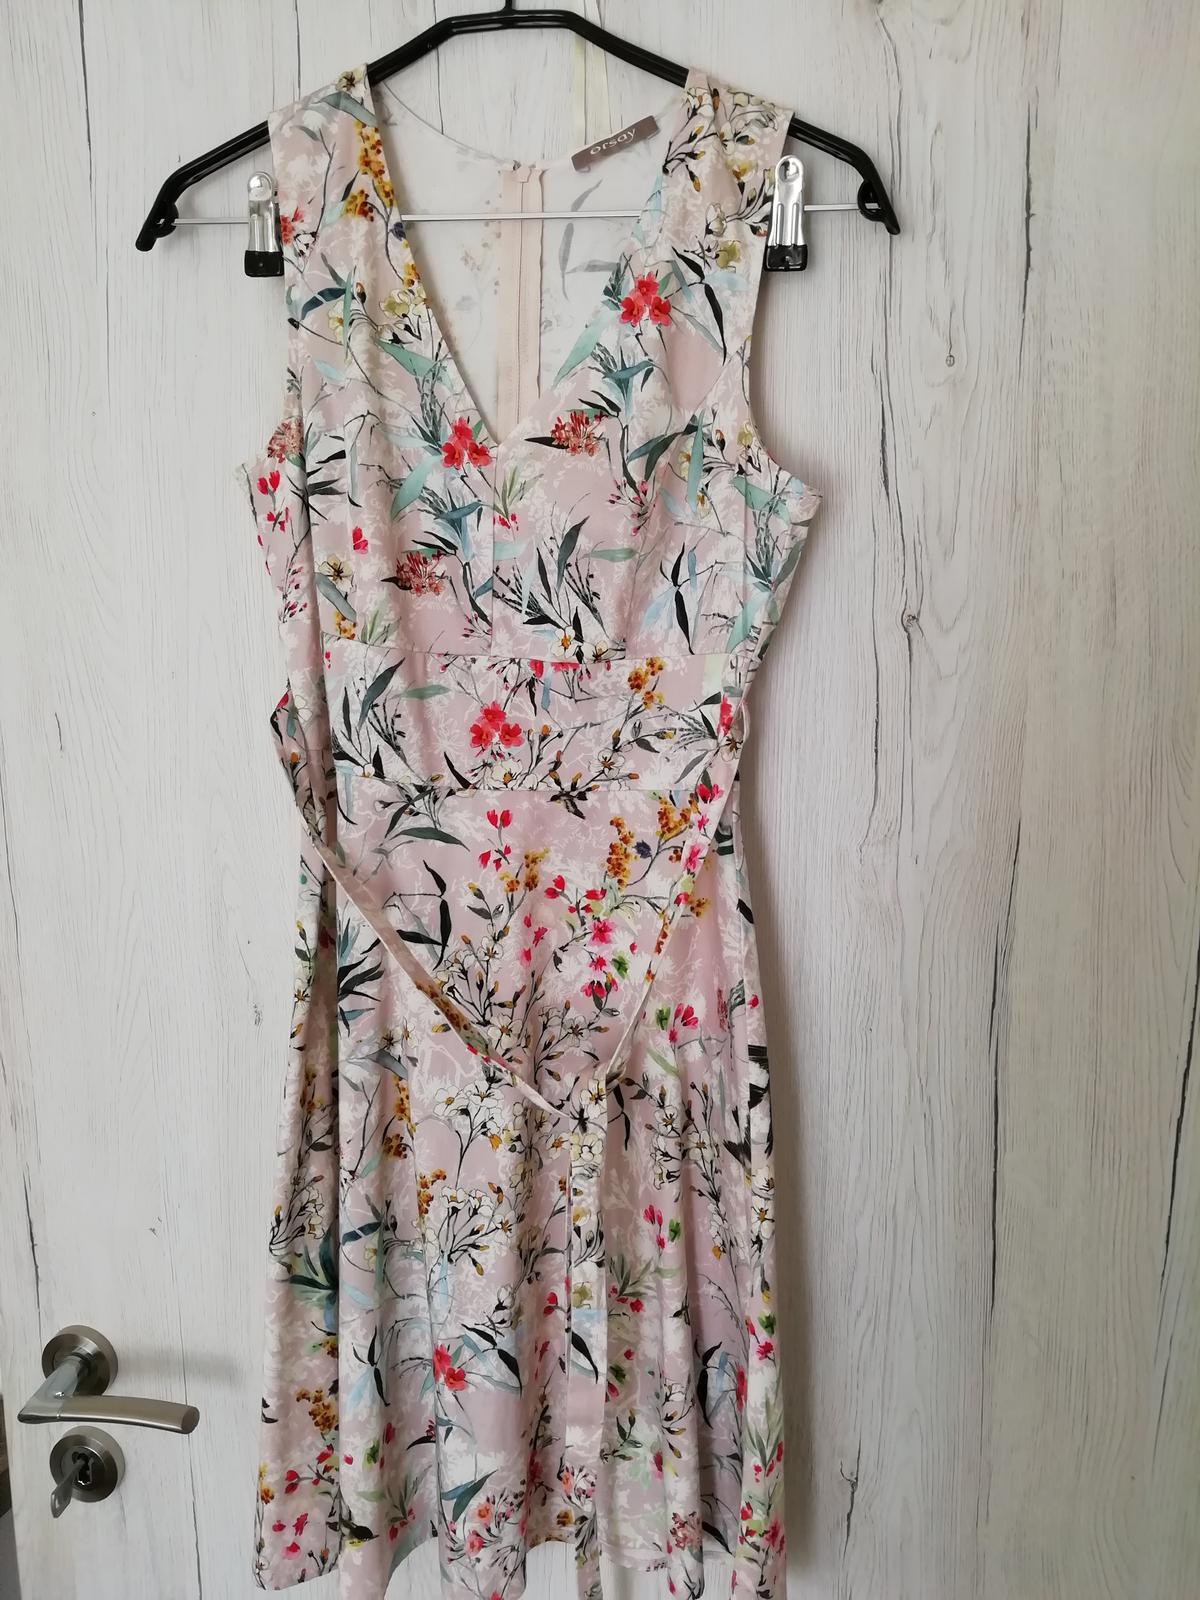 Orsay šaty XS/34 - Obrázok č. 1